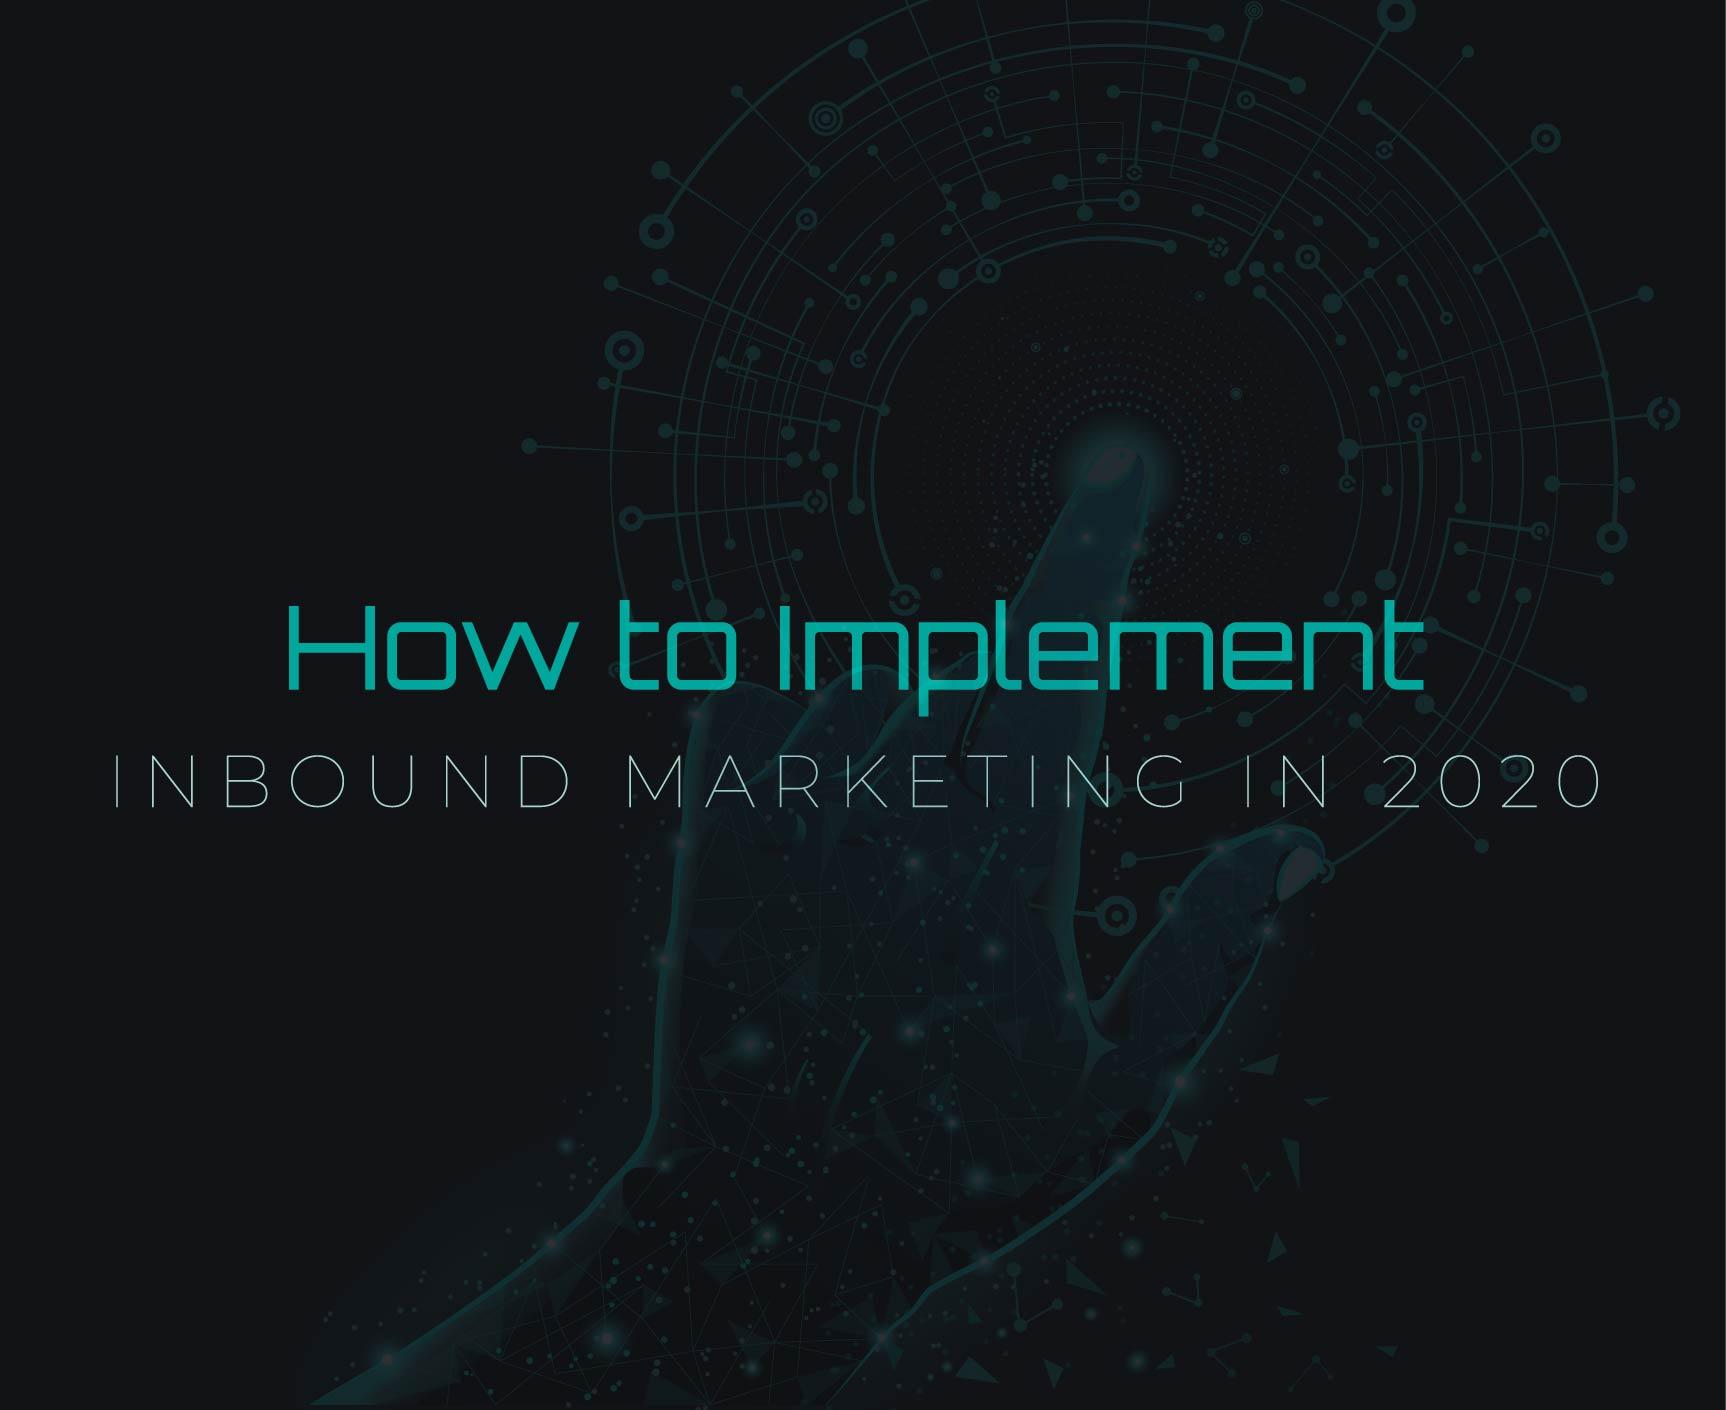 Get Started With Inbound Marketing in 2020